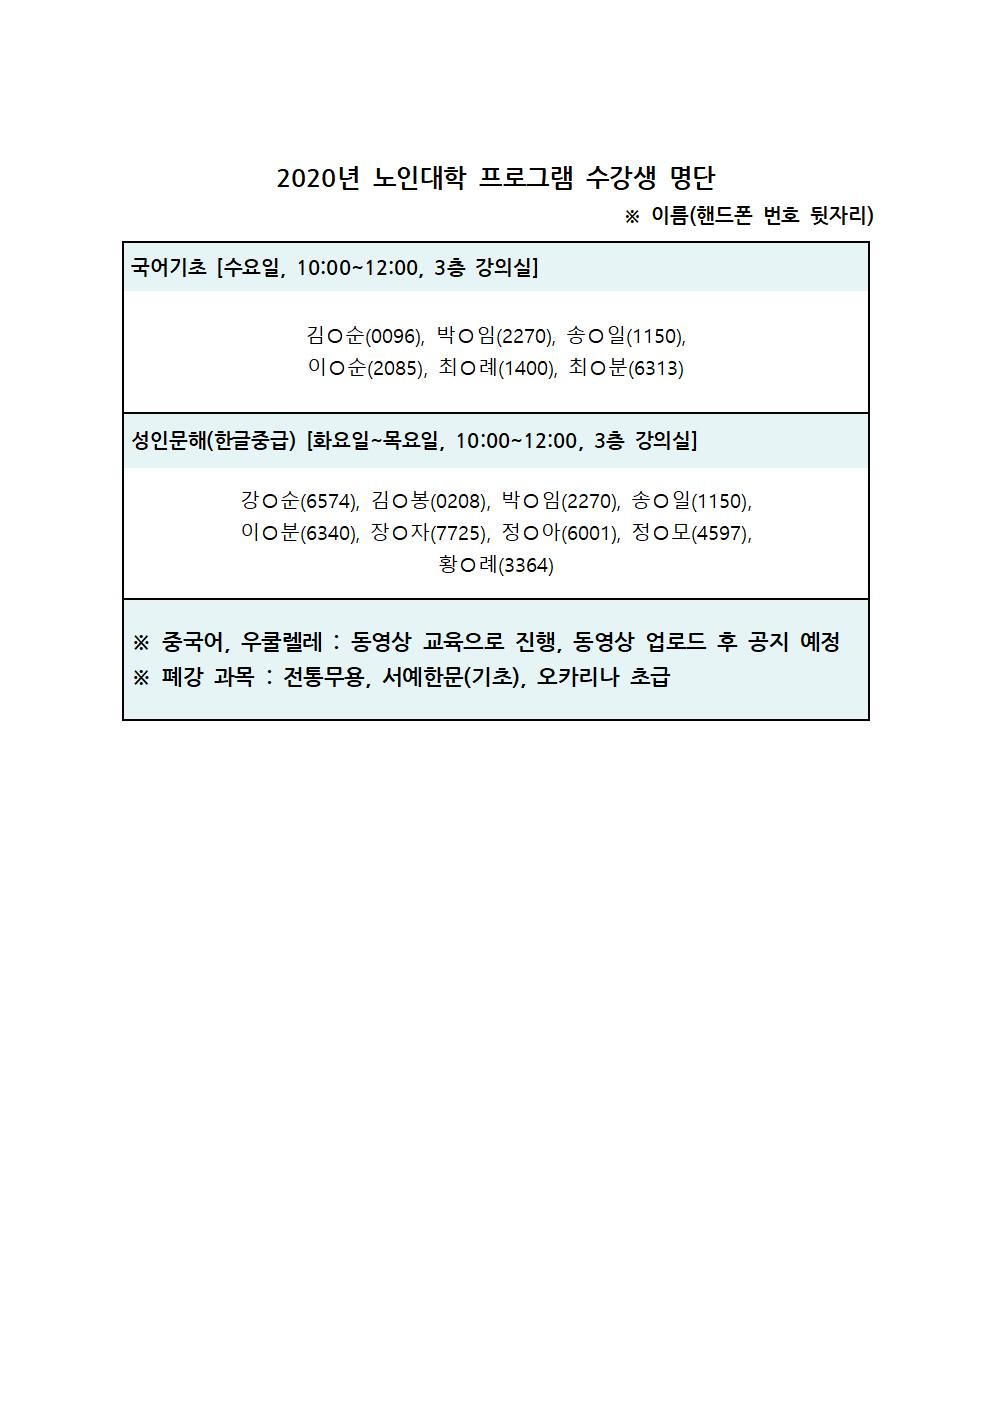 2020년 노인대학 프로그램 수강생 명단(공지용)004.jpg